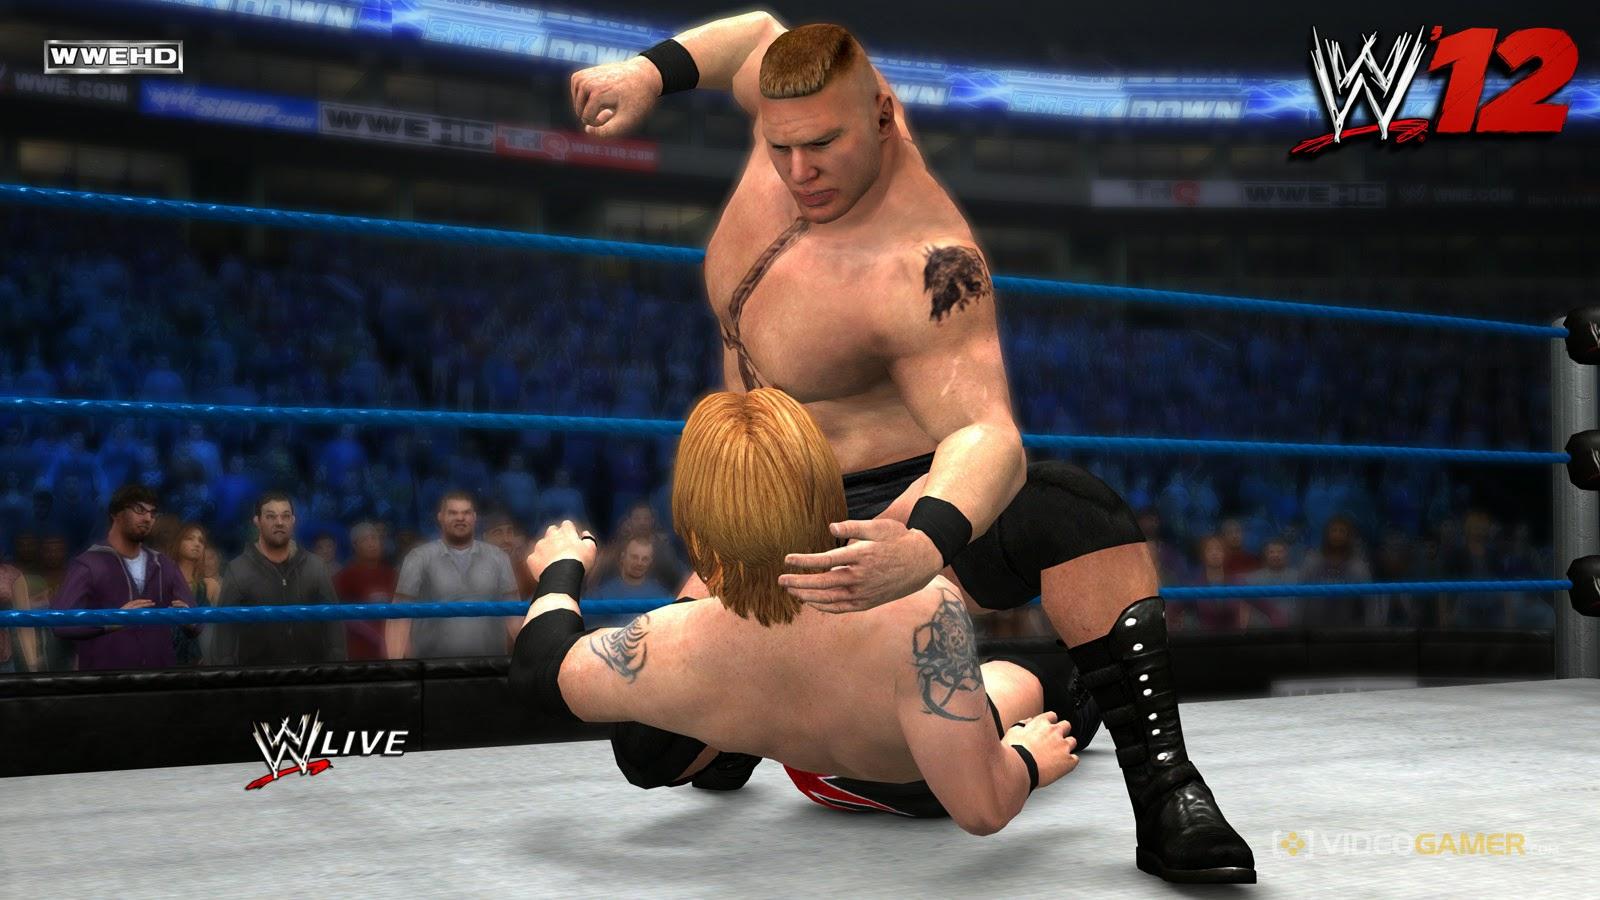 Brock vs edge